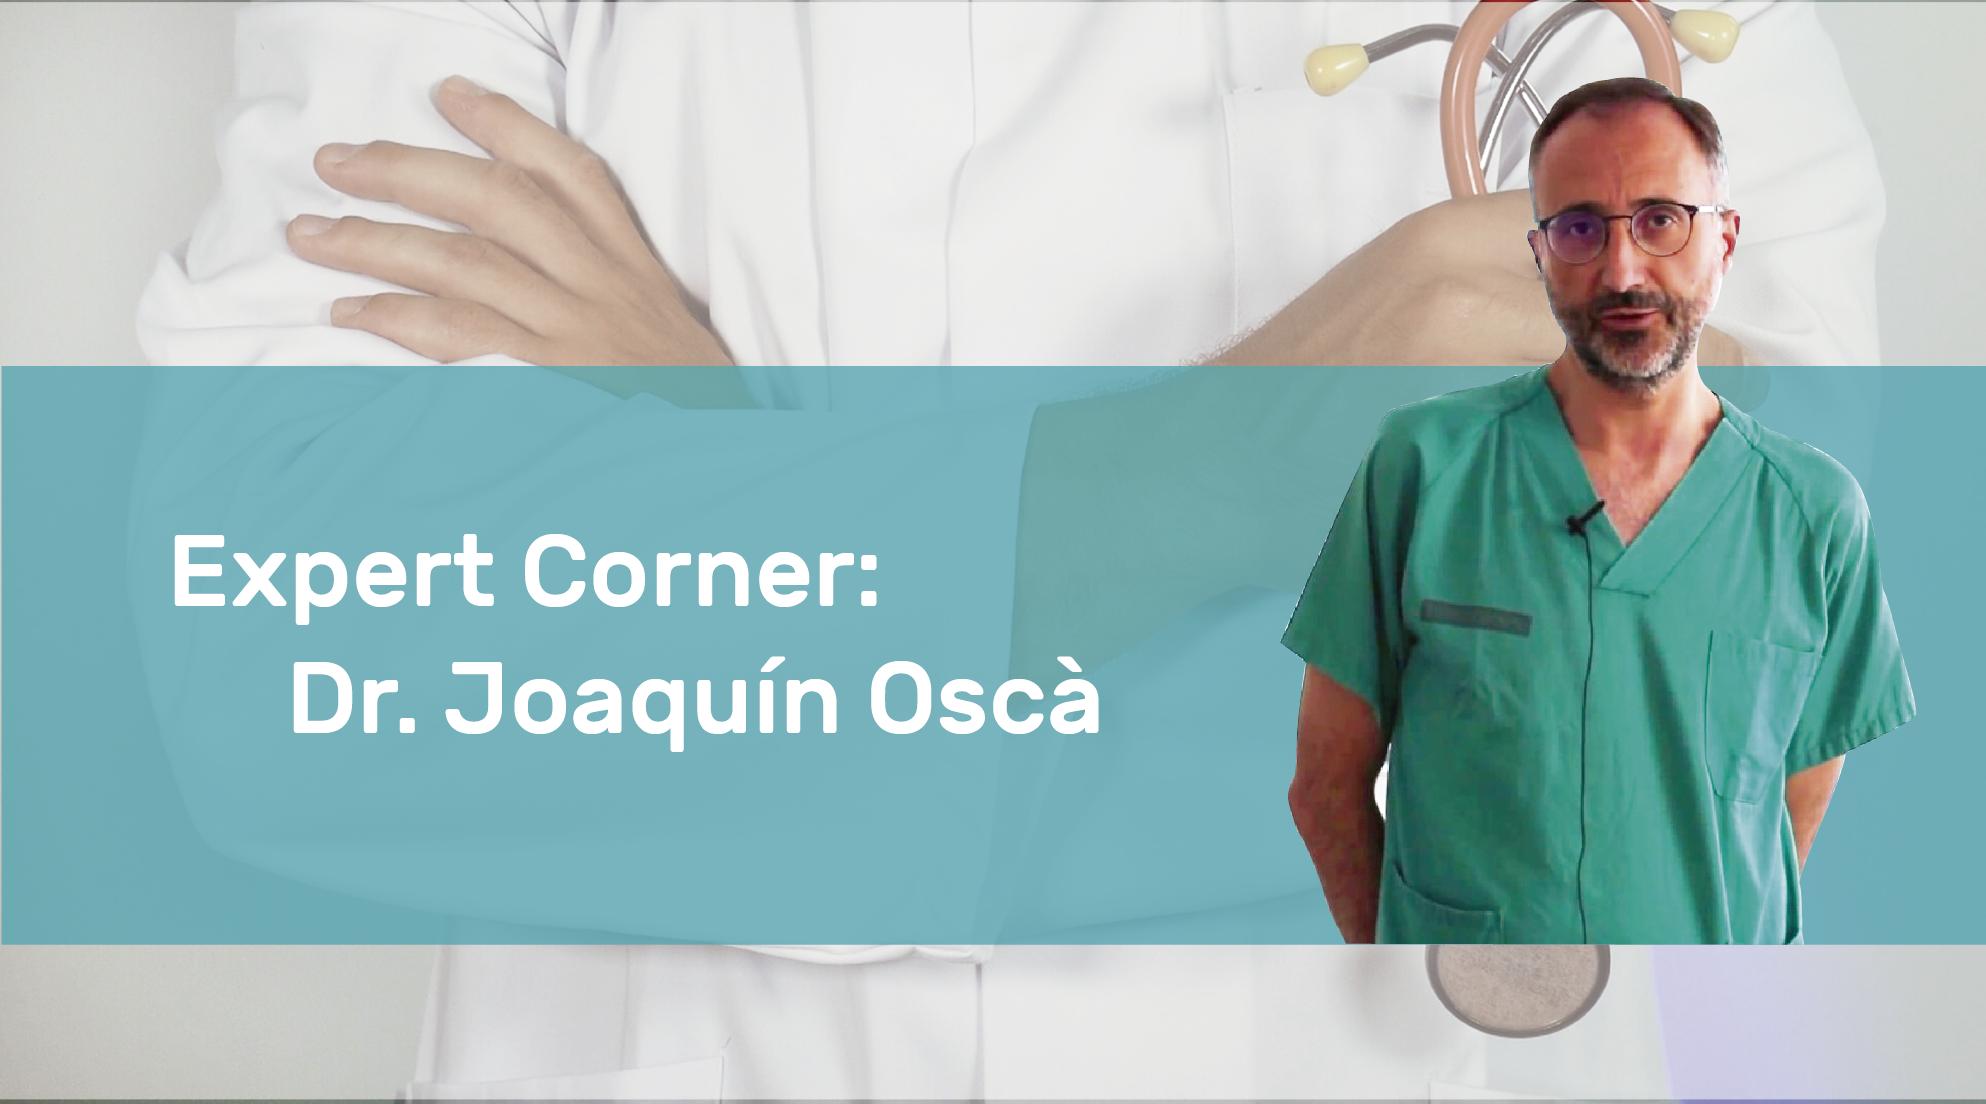 Dr. Joaquín Oscà, arritmólogo del Hospital la Fe de Valencia